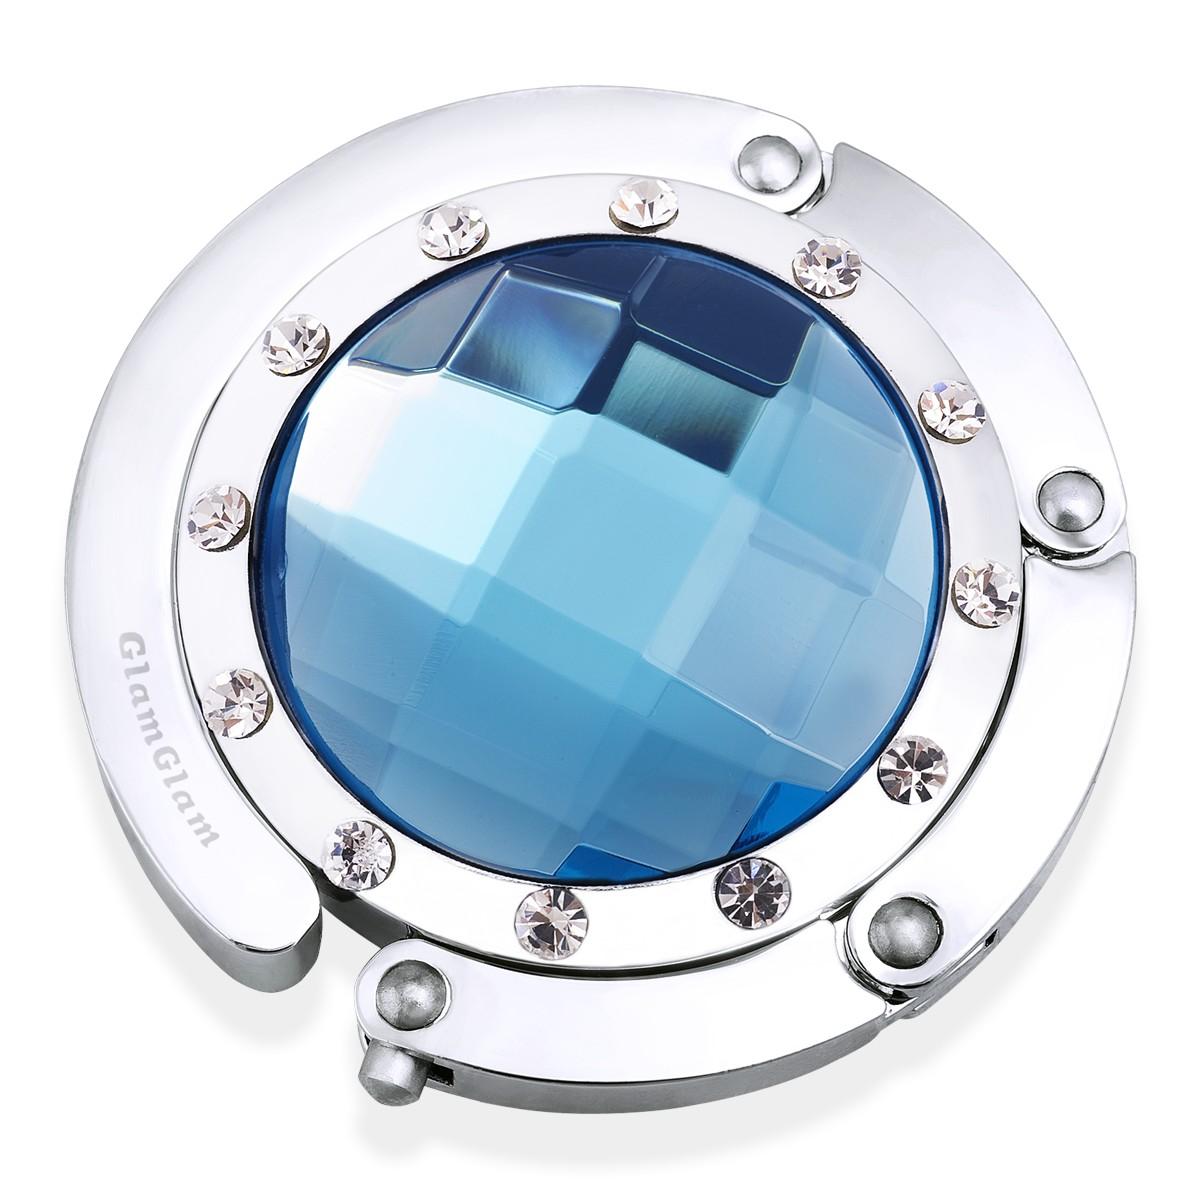 Держатель для сумки Бриллиант, голубой